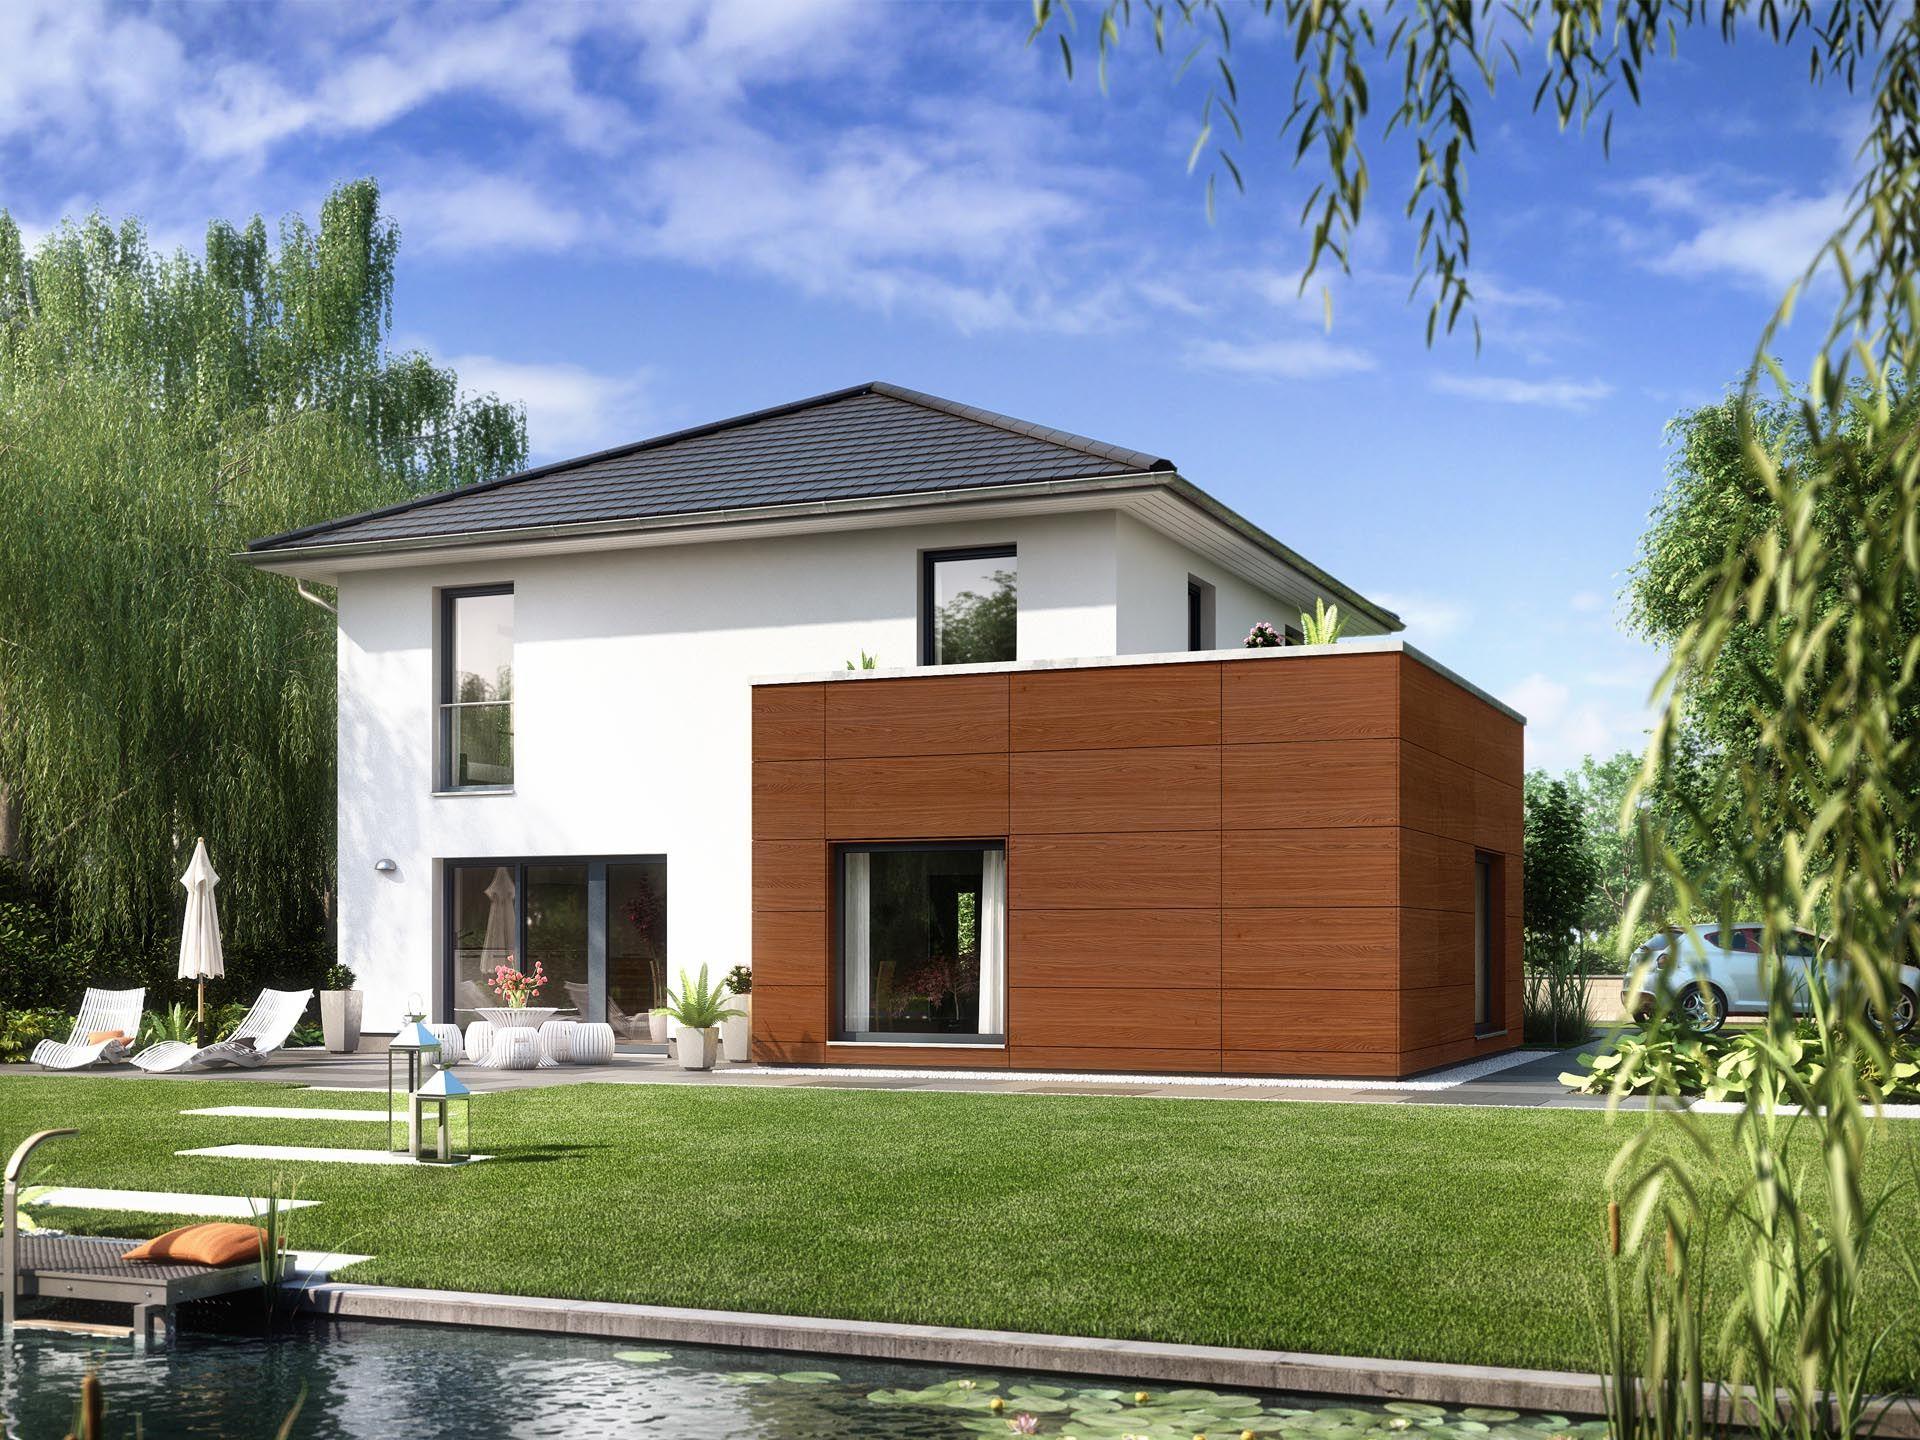 Stadtvilla modern mit anbau  Stadtvilla ARCUS WD.200.2 • Einfamilienhaus von Heinz von Heiden ...